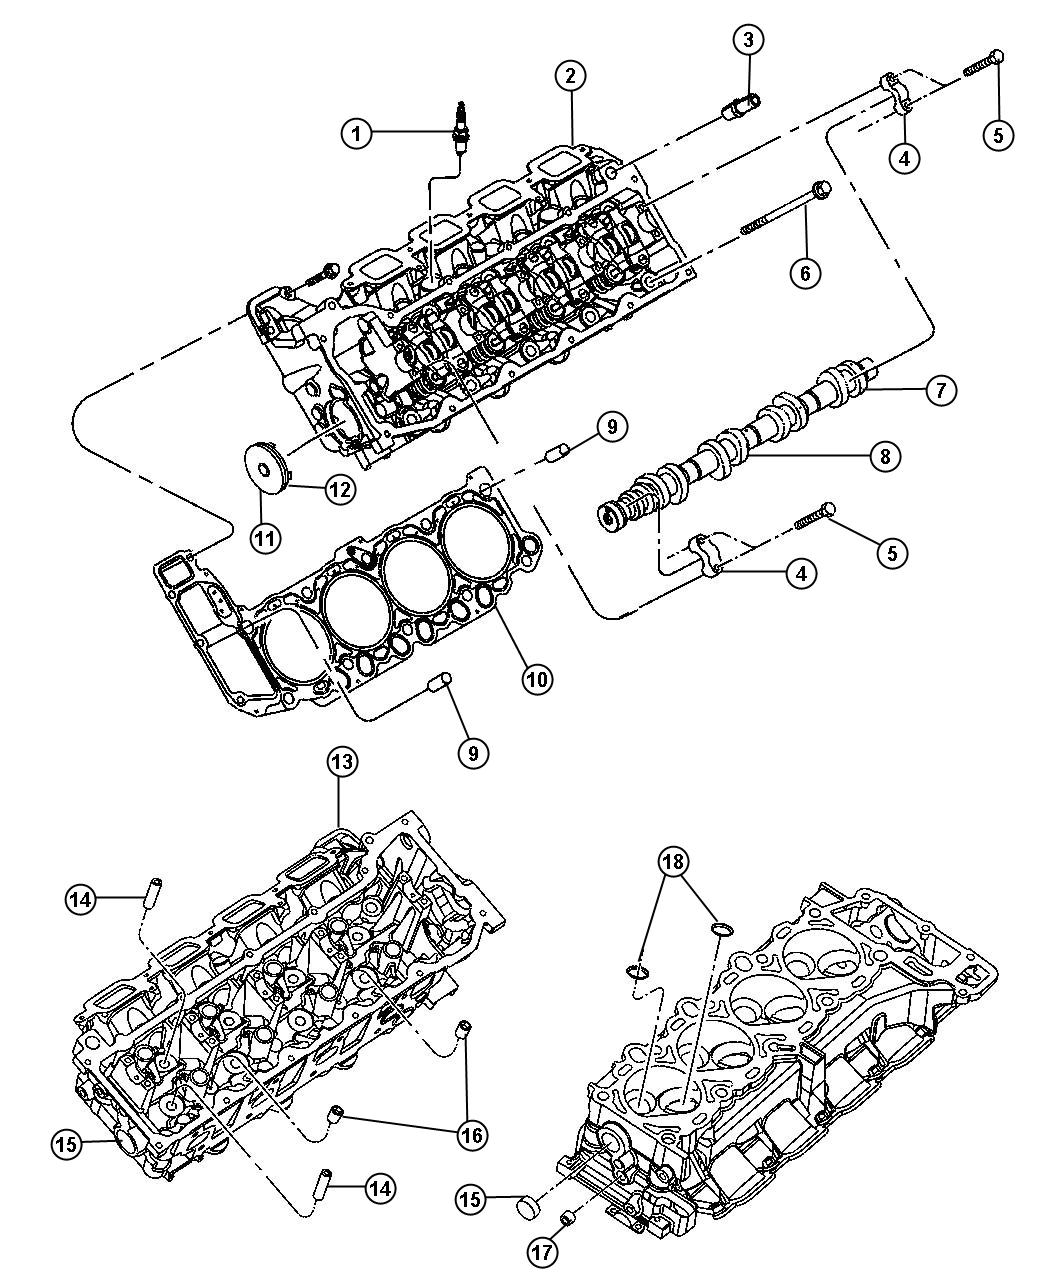 Sprc12mcc4